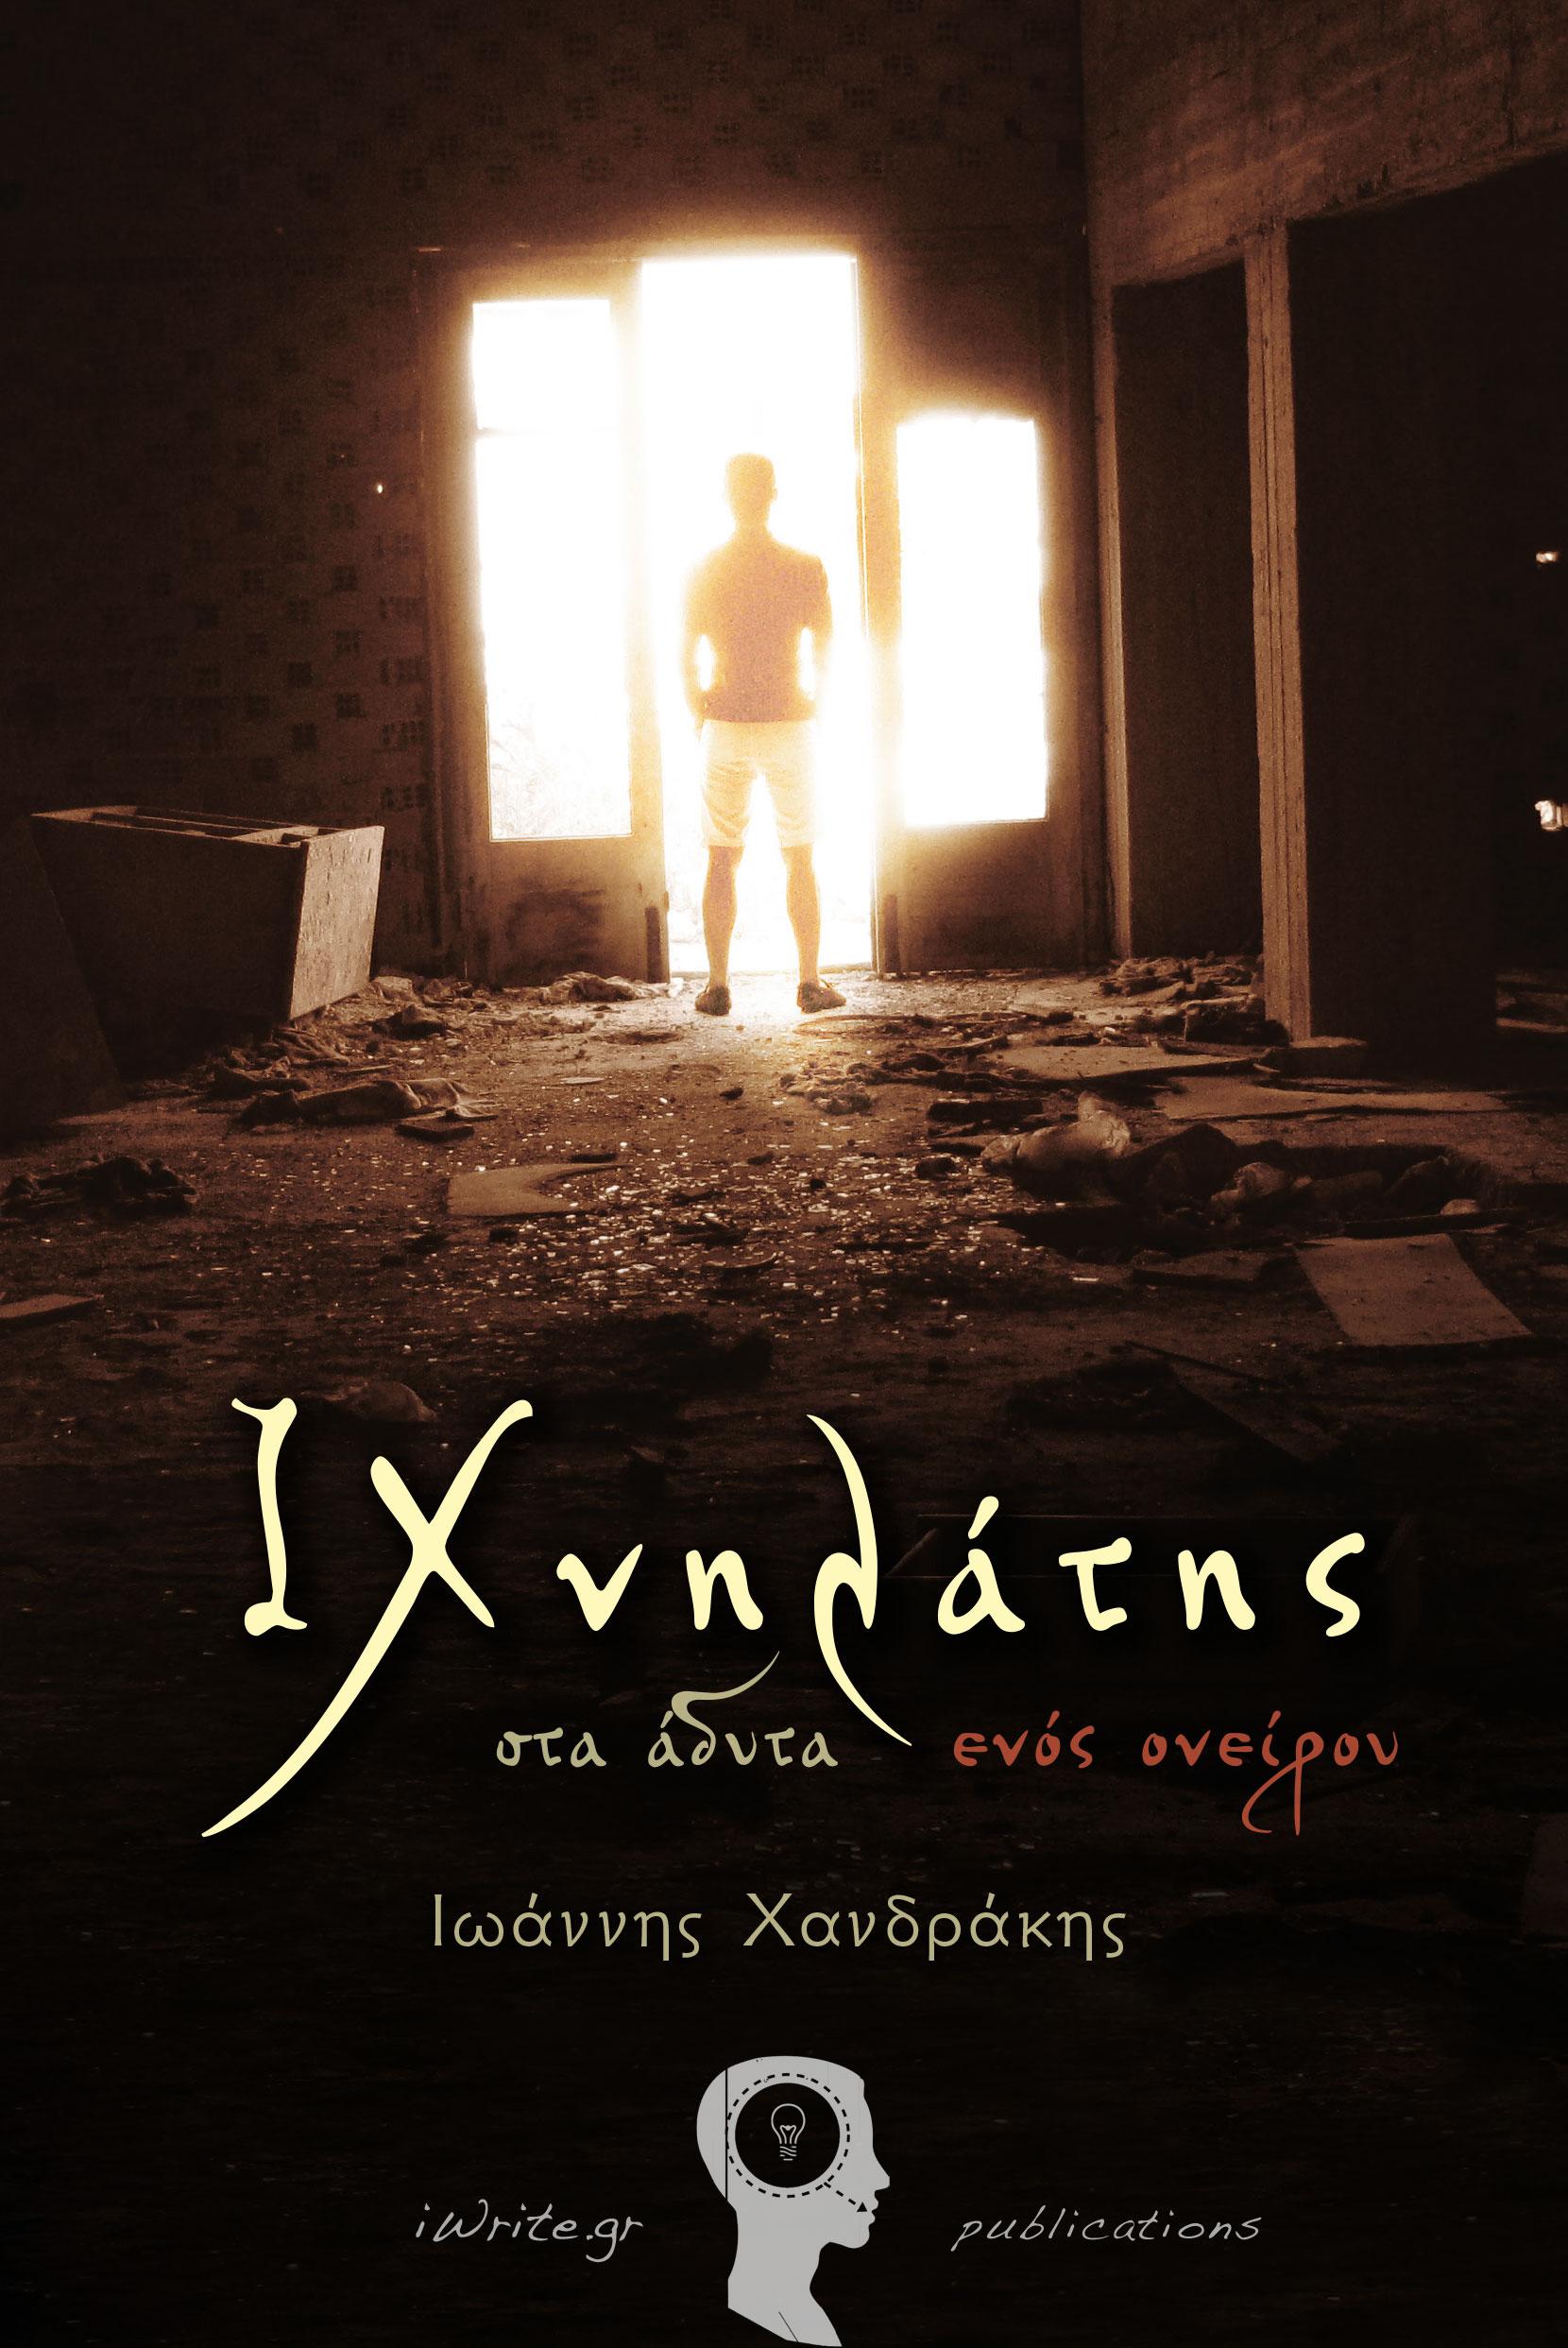 ΙΧνηλάτης, Ιωάννης Χανδράκης, Εκδόσεις iWrite.gr